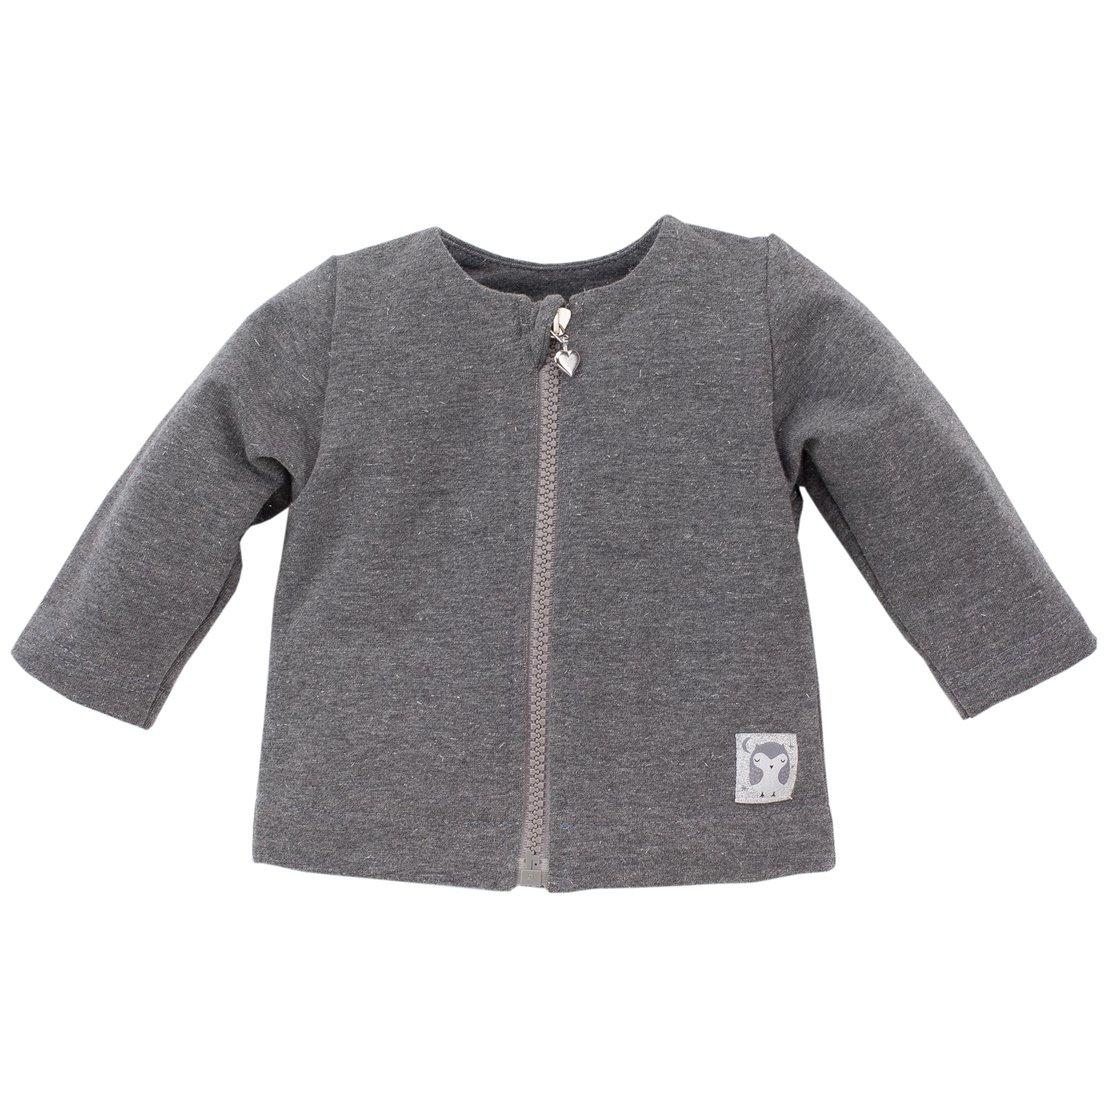 Pinokio J/äckchen f/ür M/ädchen Unisex Grau mit Glitzer und kleine Eule Magic- Baumwollmixjacke Sweatjacke f/ür Babys und Kids 100/% Baumwolle